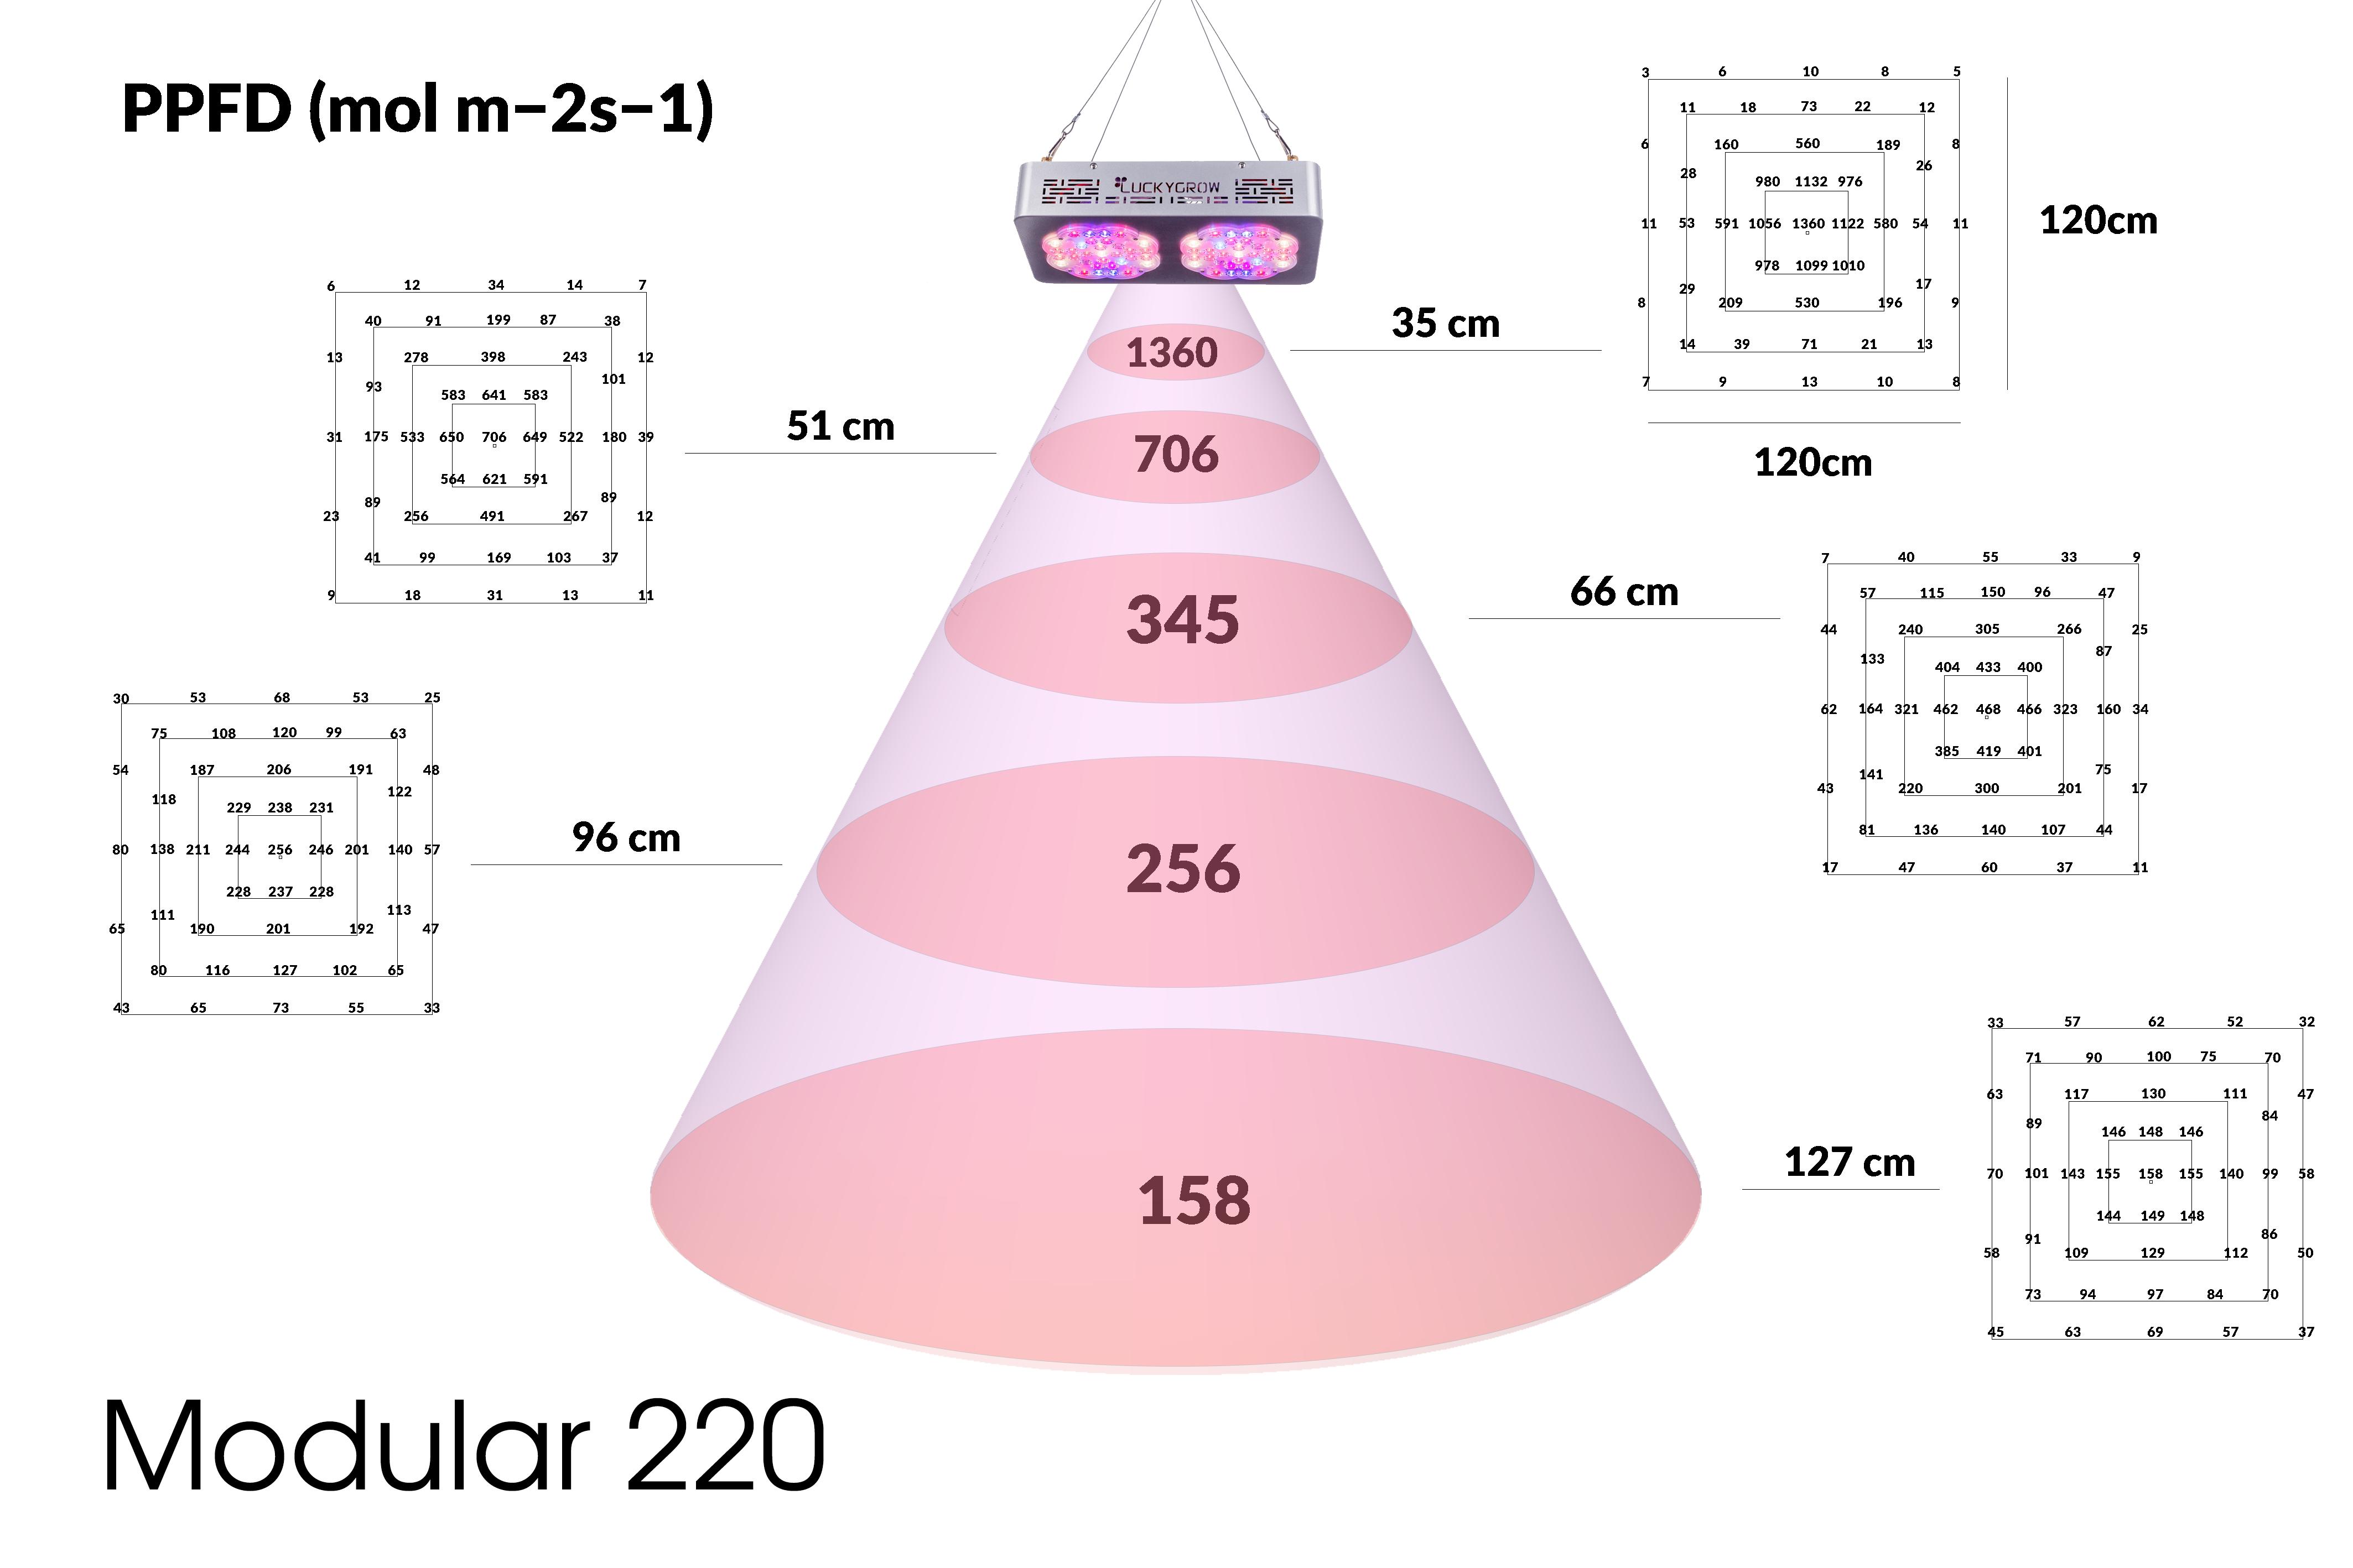 wynik par luckygrow modular220